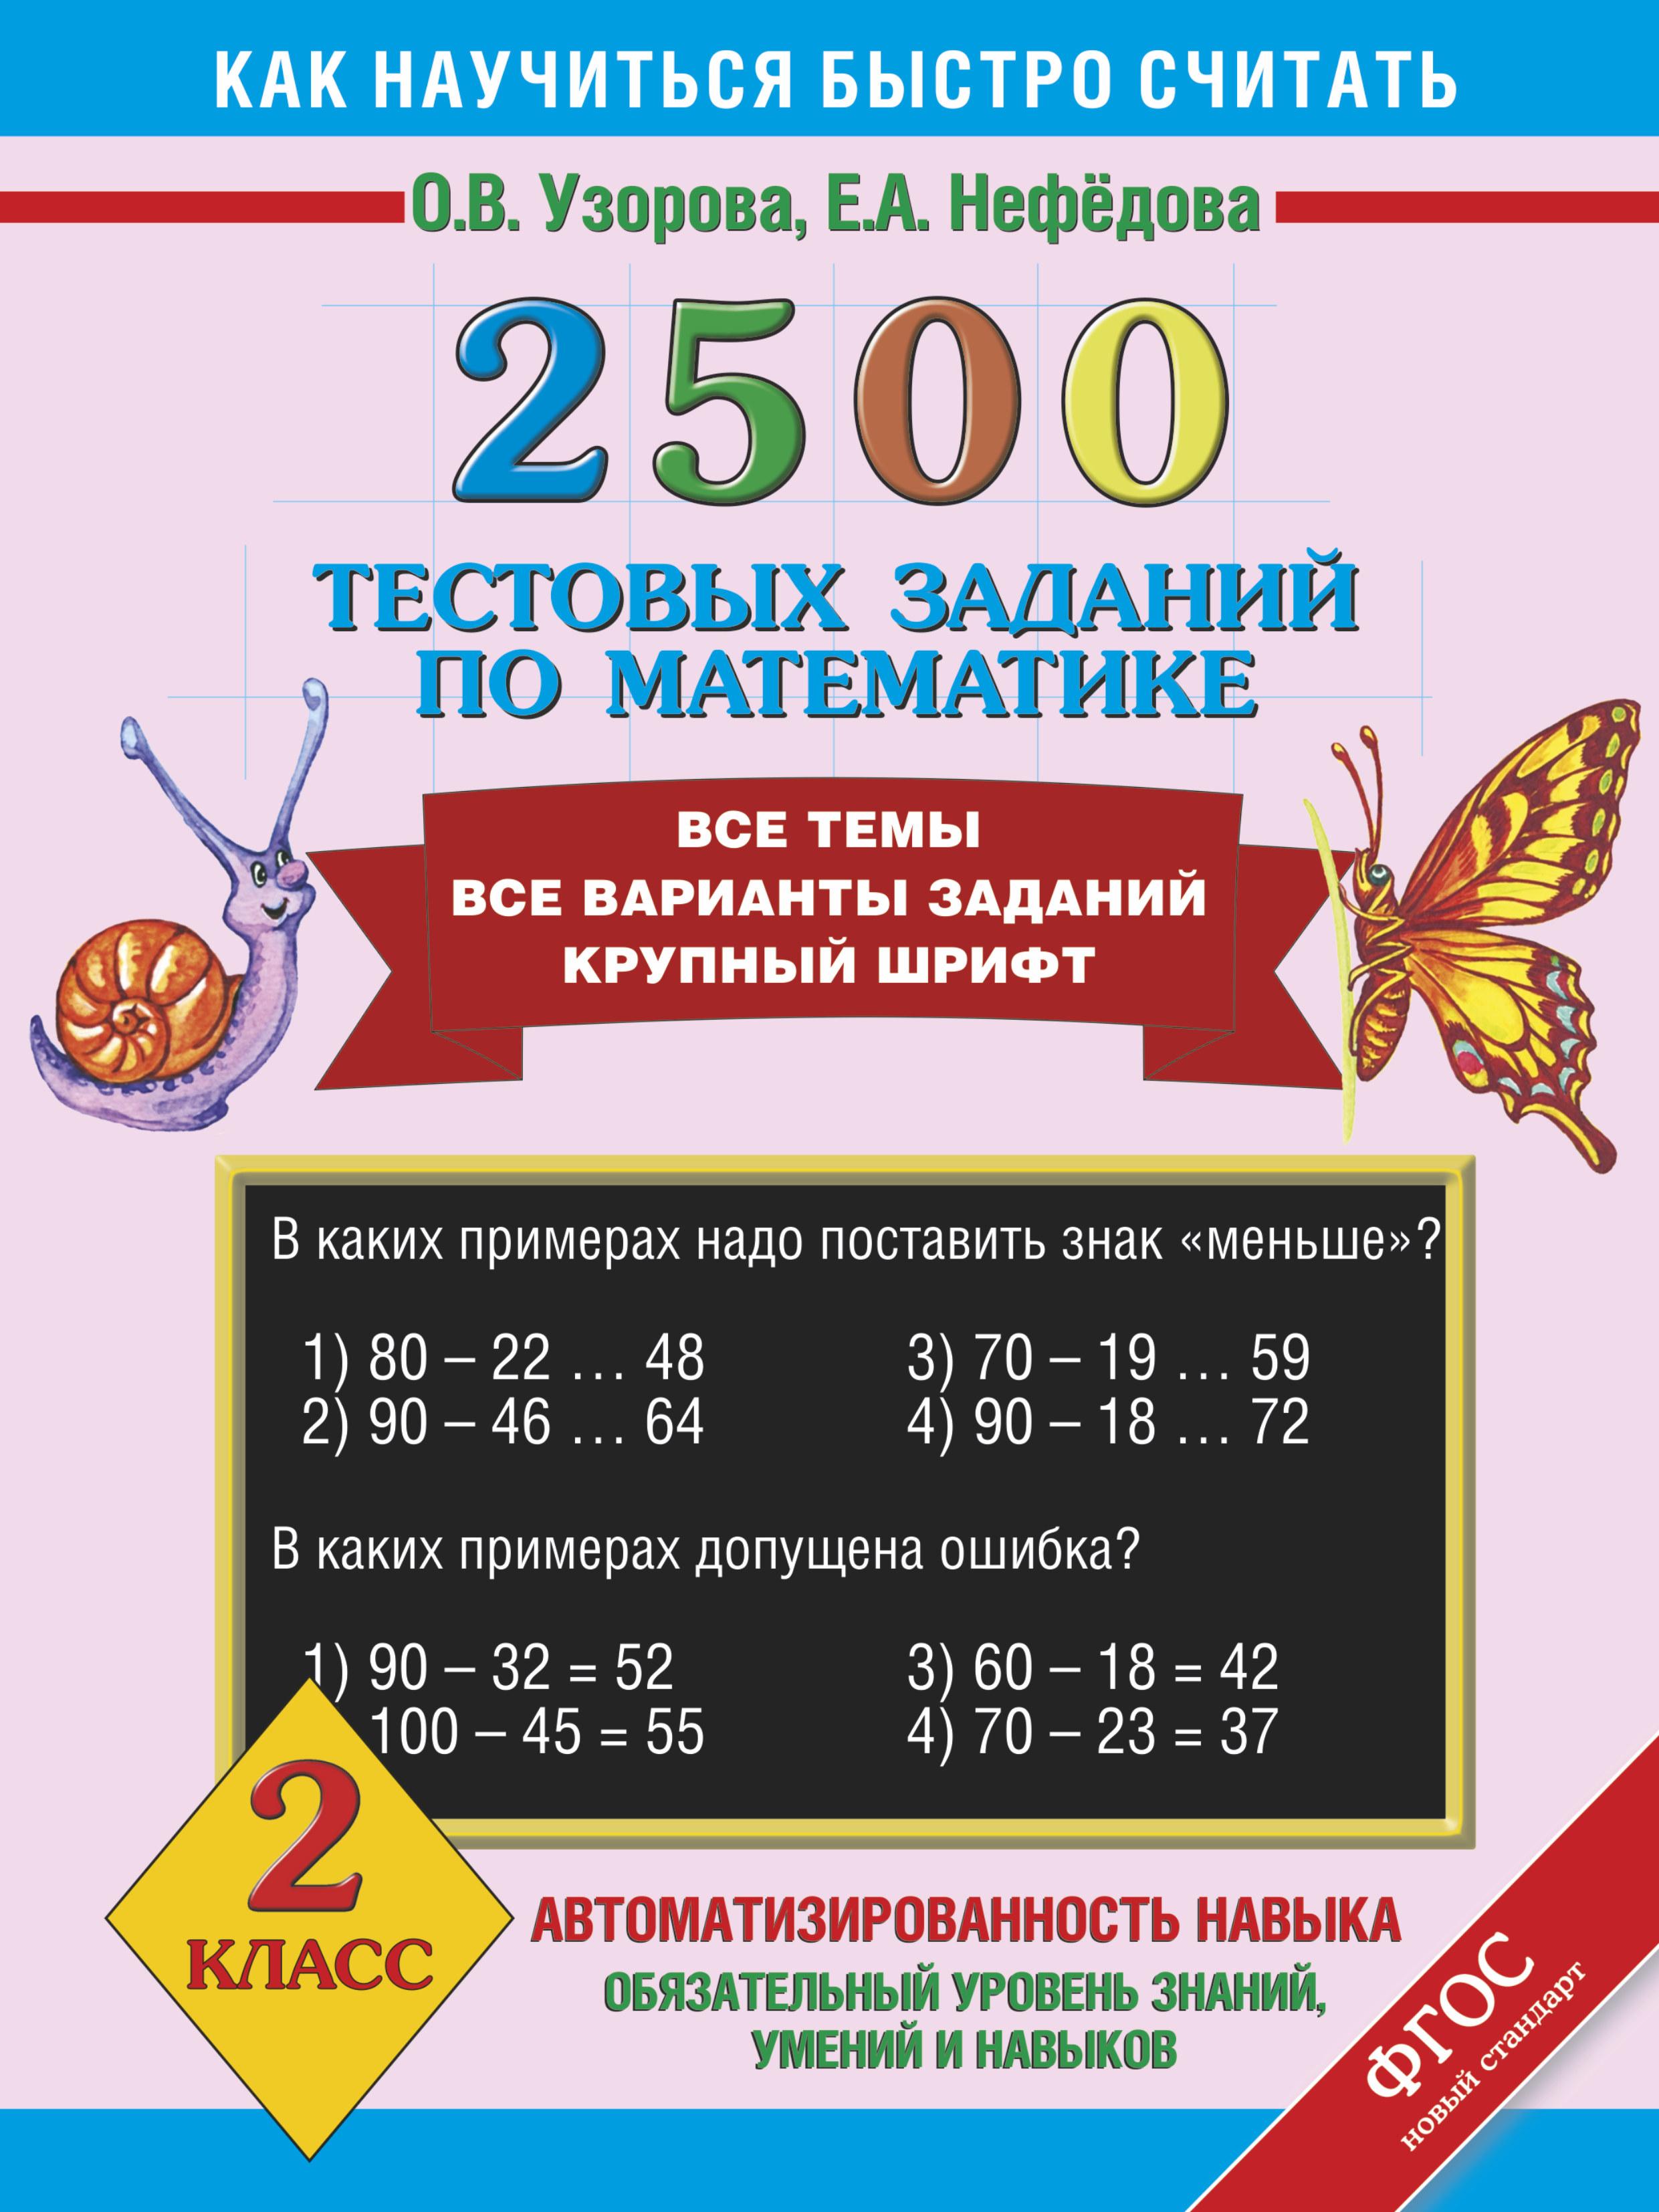 2500 тестовых заданий по математике